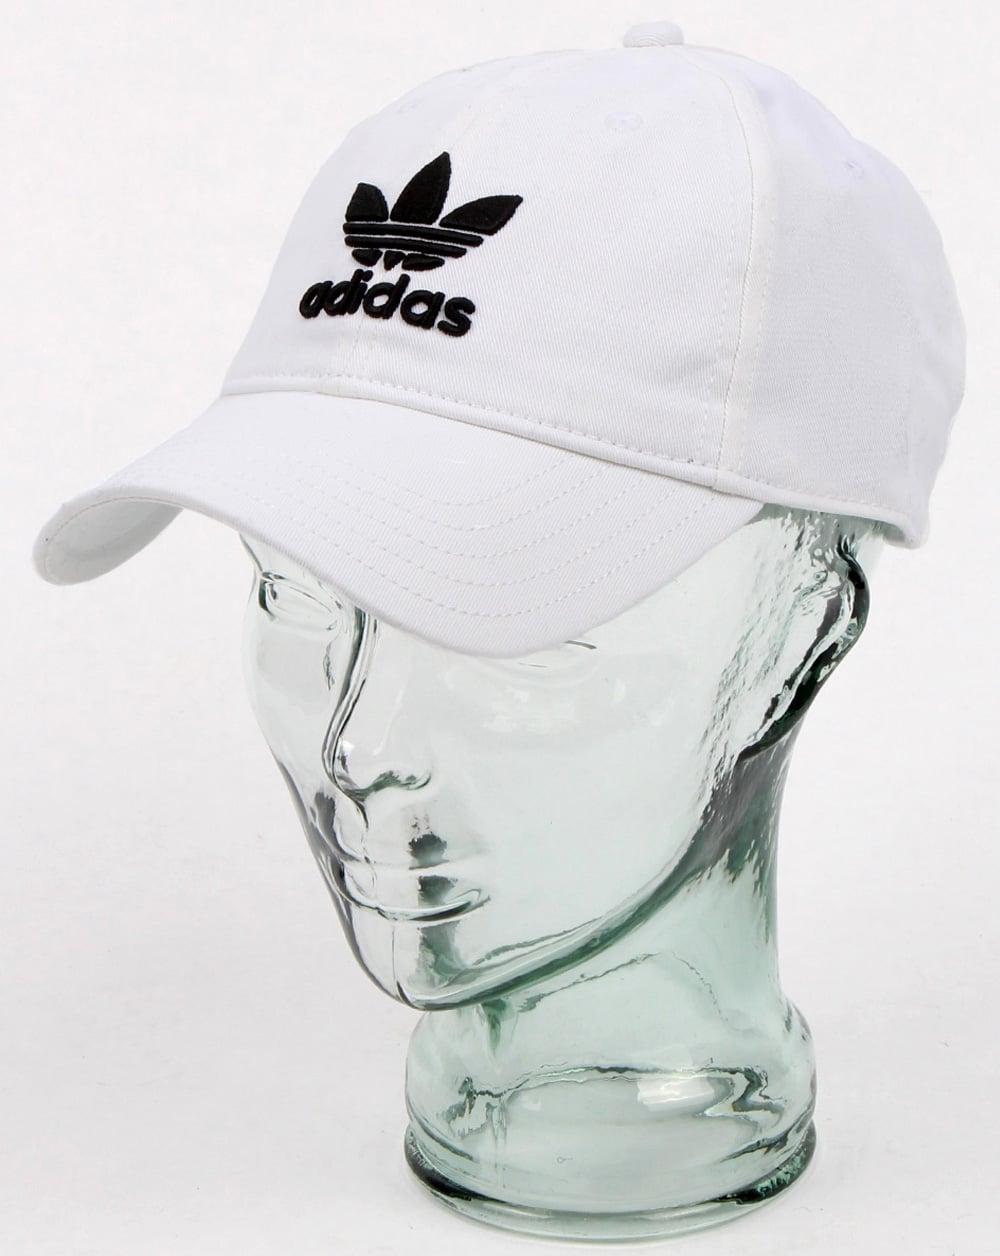 f1665500d1d adidas Originals Adidas Originals Trefoil Cap White black